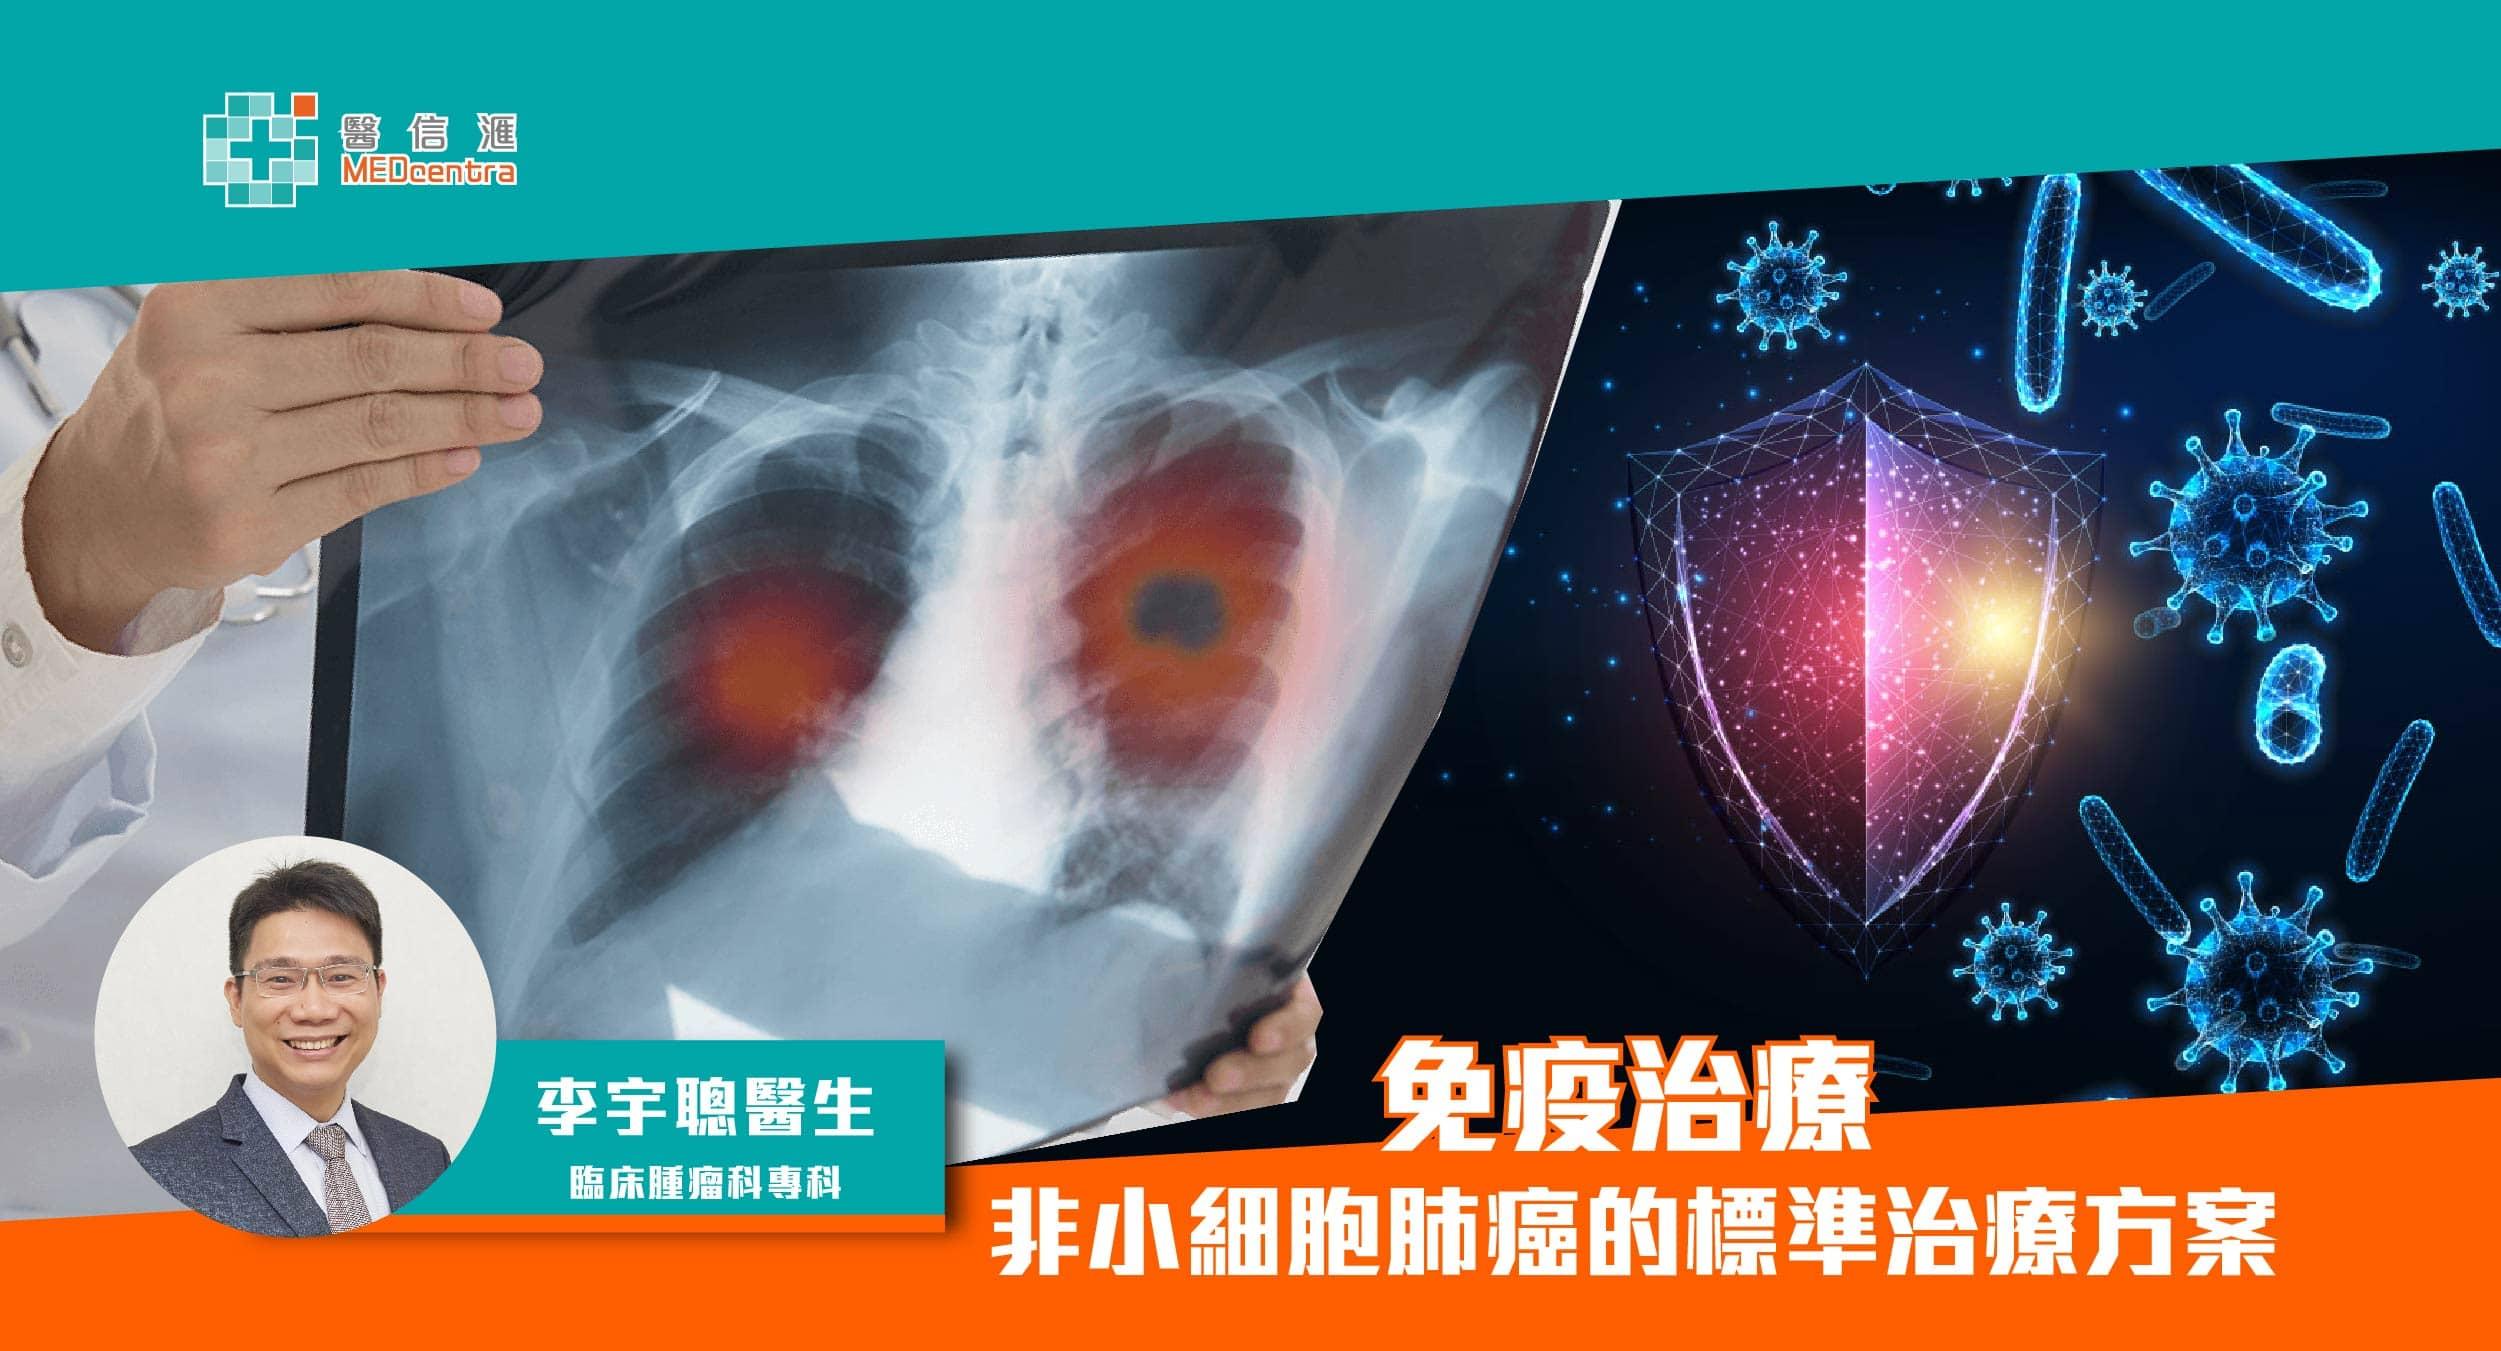 免疫治療:非小細胞肺癌的標準治療方案